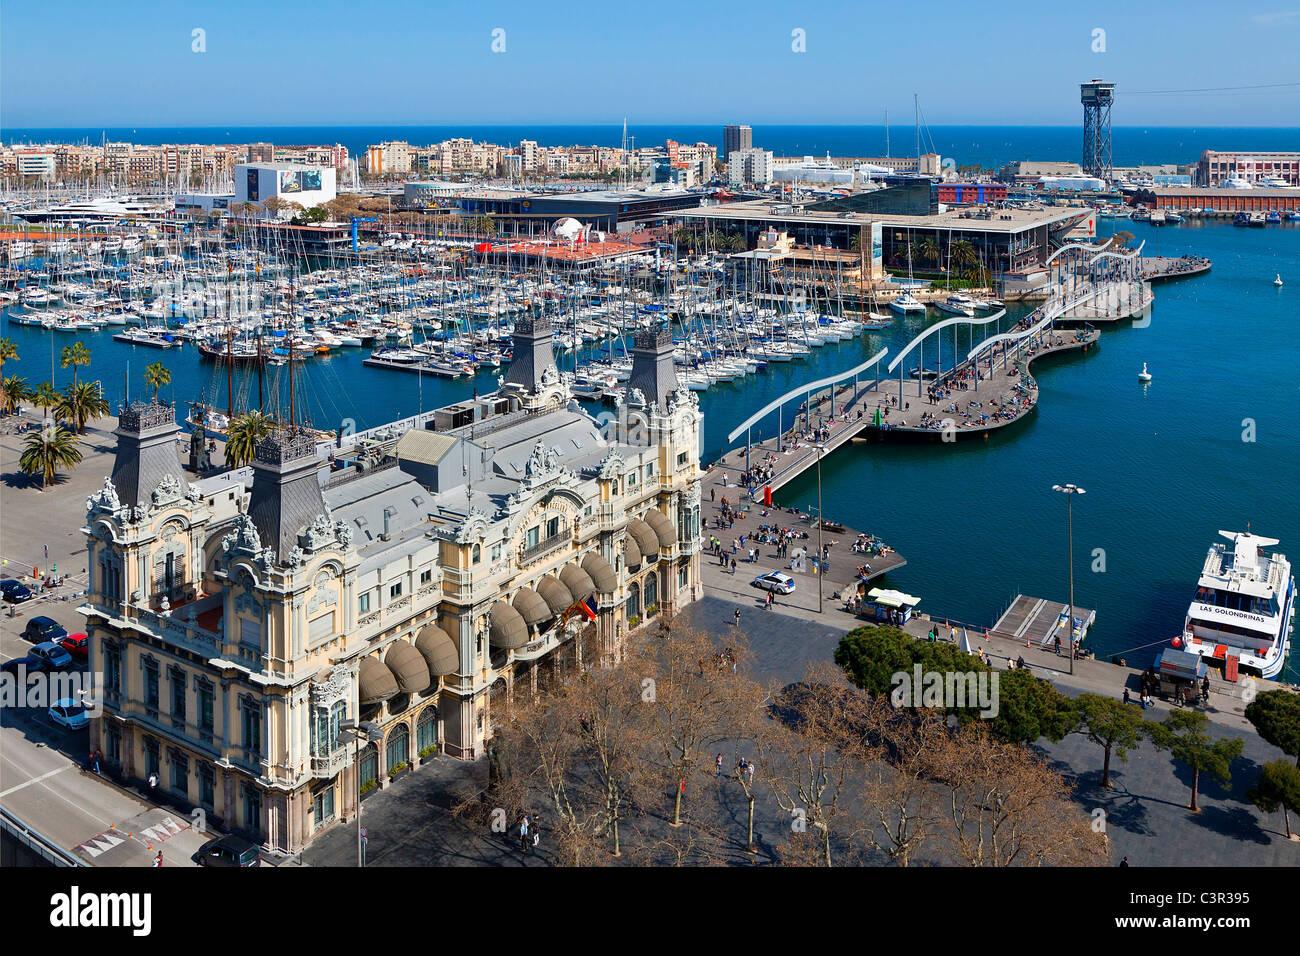 Ein Blick auf Barcelona Hafen und die Rambla del mar Stockbild